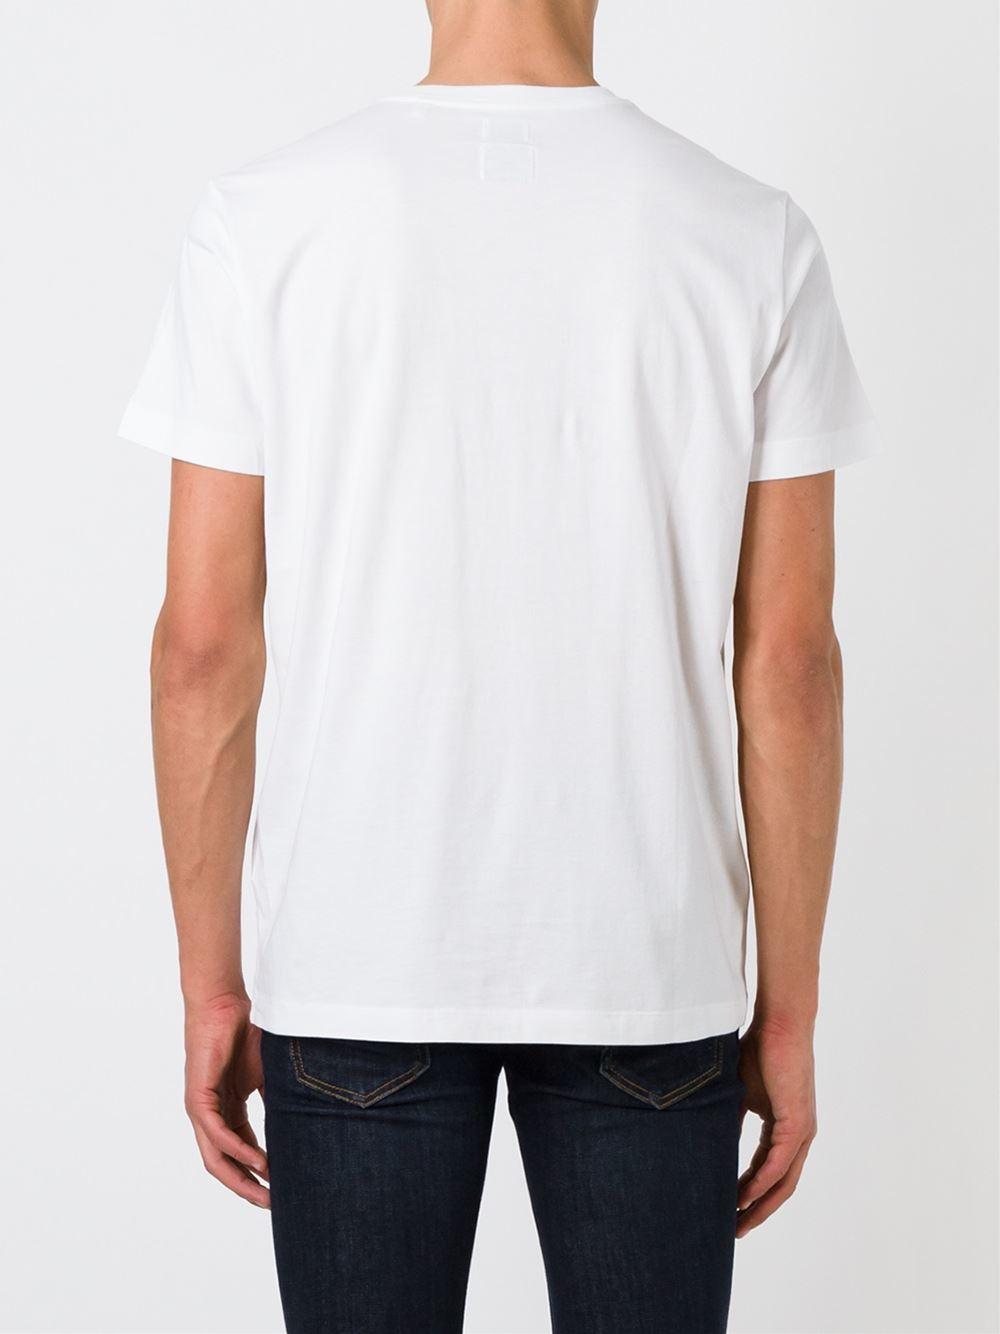 Diesel v neck t shirt in white for men lyst for White v neck shirt mens